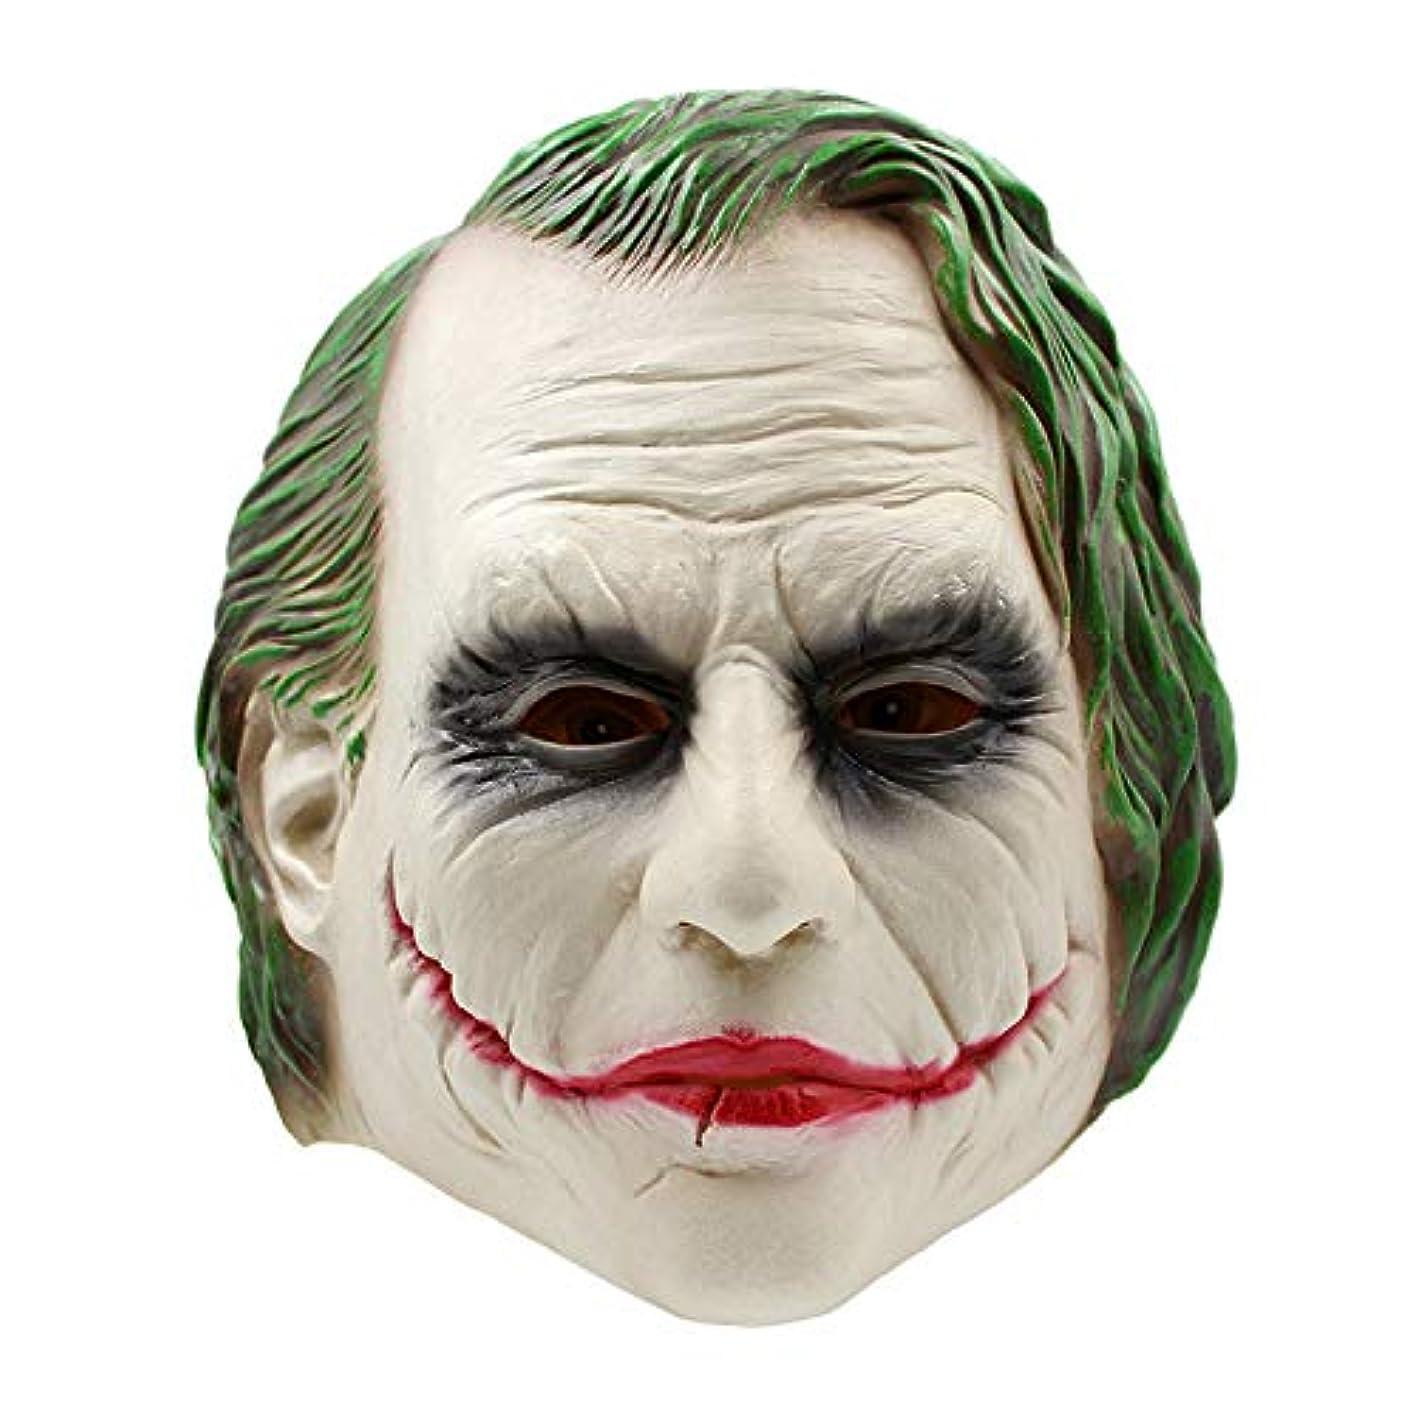 全滅させる軽防腐剤ハロウィーンピエロマスクラテックスヘッドカバーダークナイトマスク